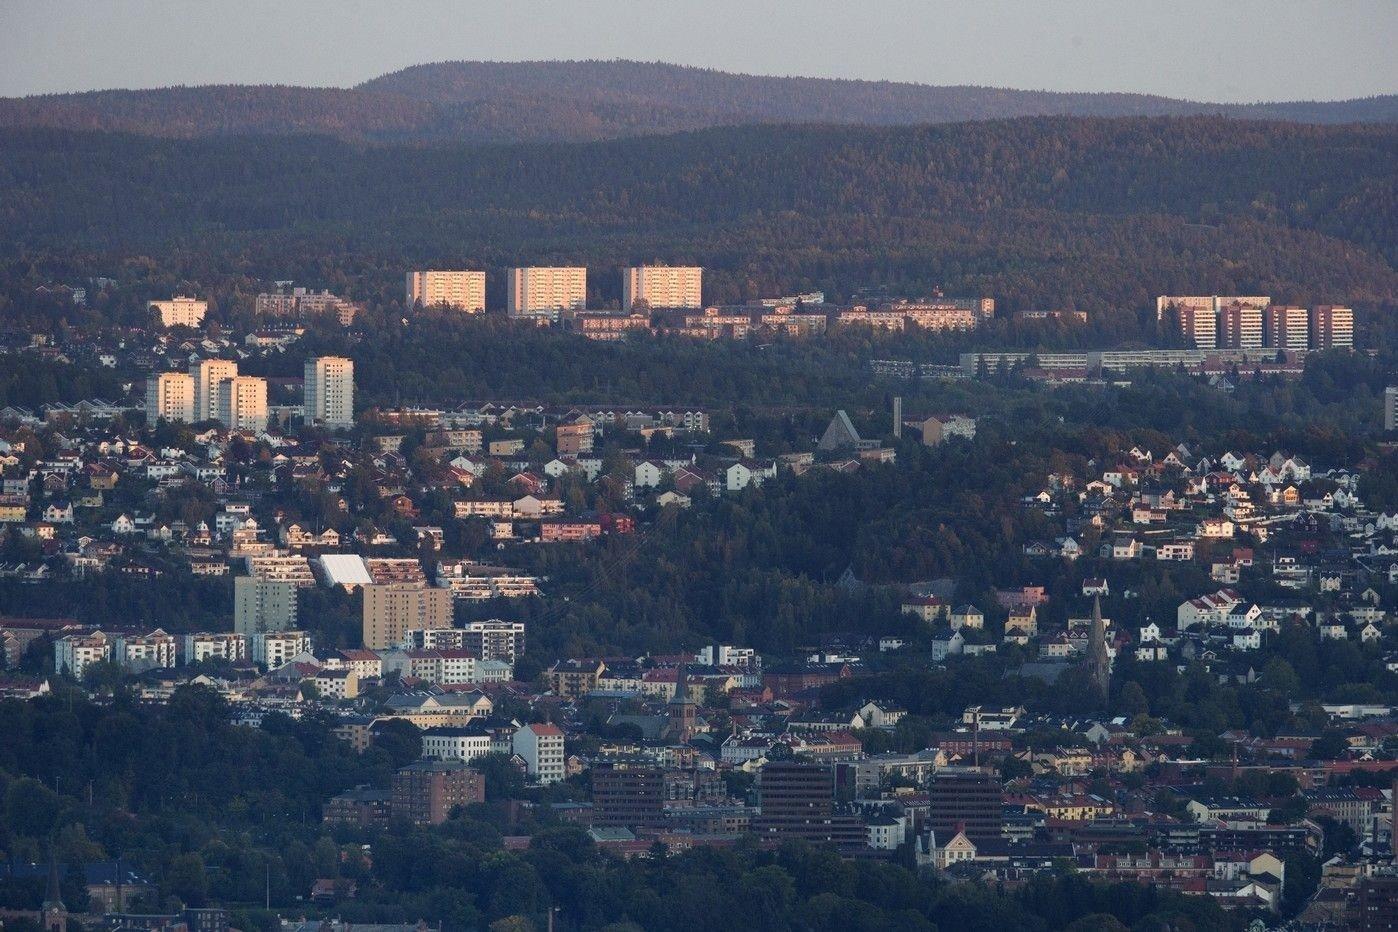 Ti personer ble mandag 29.07.19 pågrepet på Bogerud i Oslo, siktet for blant annet vold mot politiet, Illustrasjonfoto: Oslo øst sett fra Holmenkollen. Bøler, Bogerud, Manglerud, Ekeberg, Tøyen.